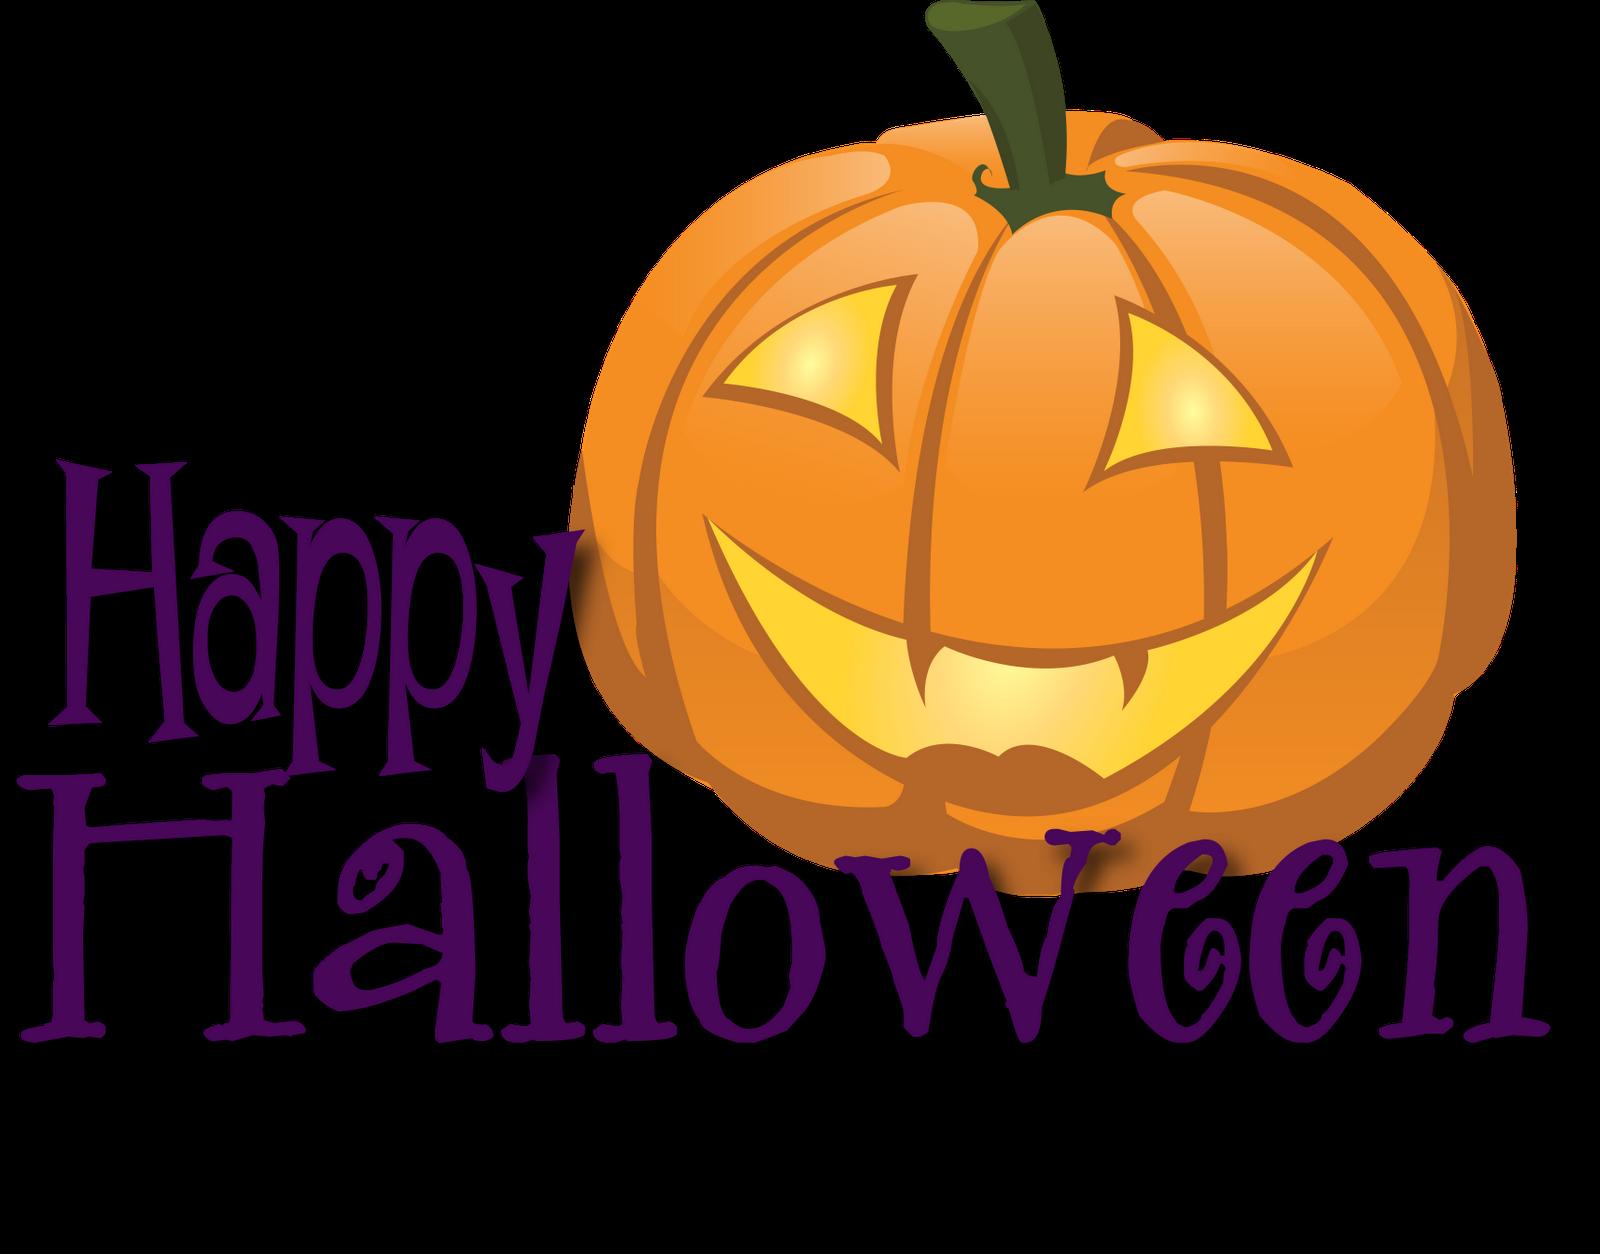 Buona Festa Di Halloween.Vivimottola Dolcetto O Scherzetto Buona Festa Di Halloween